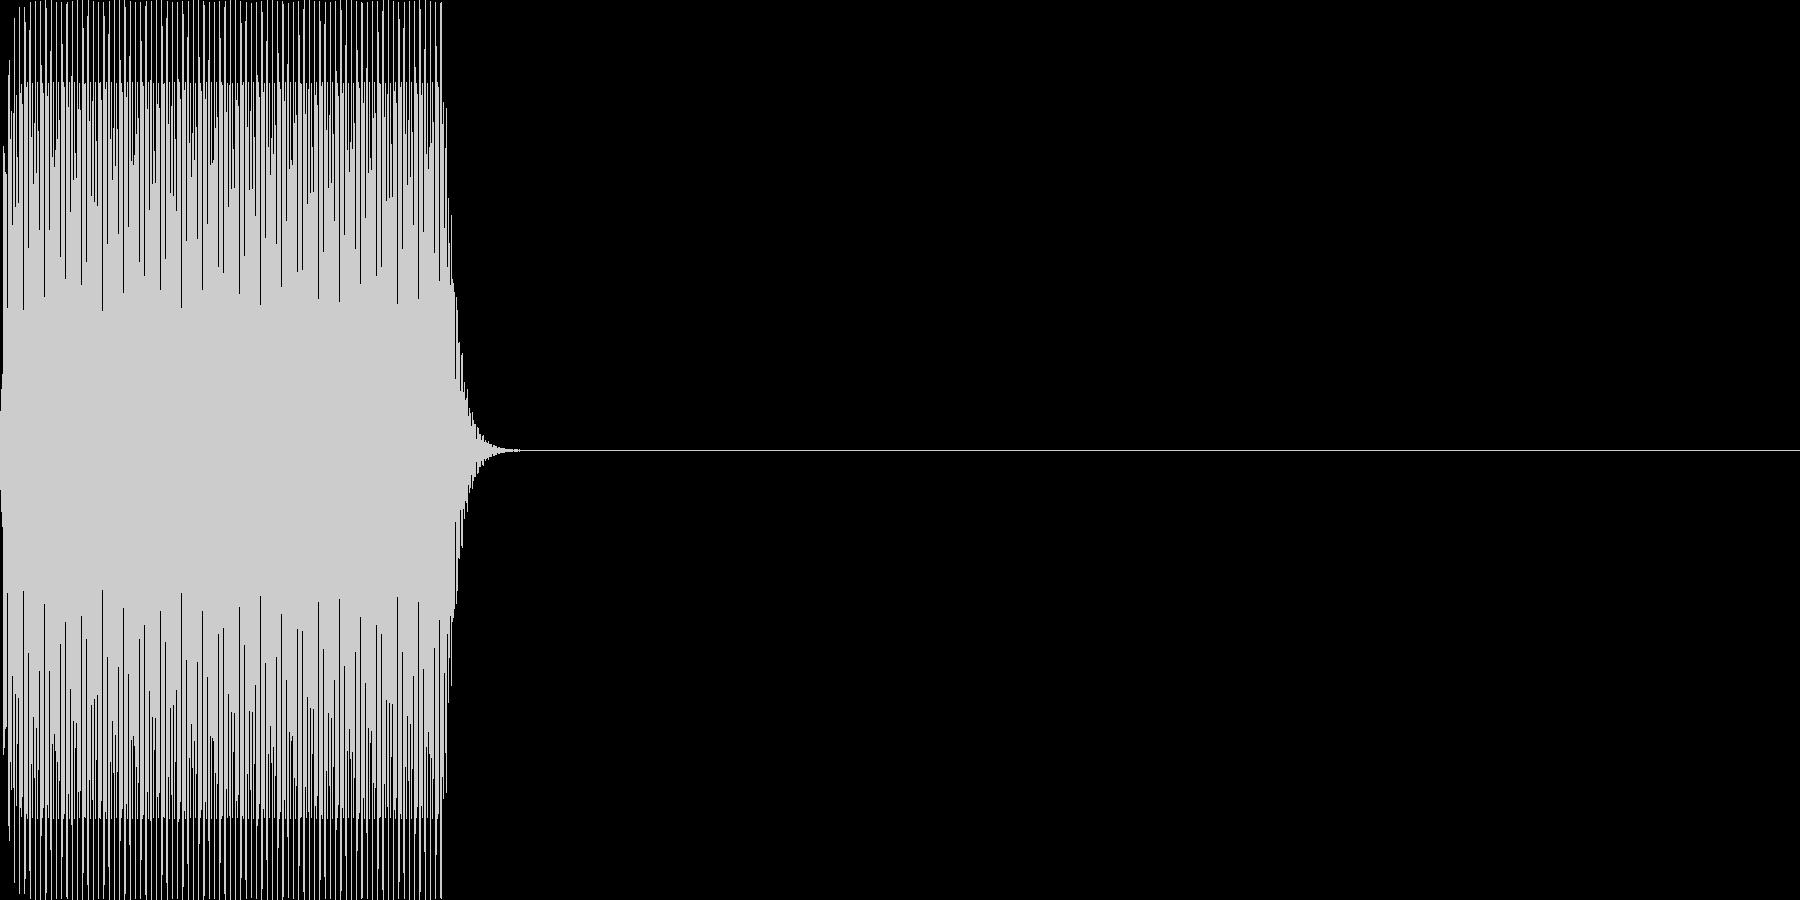 ピ(click_022_ボタン単音)の未再生の波形